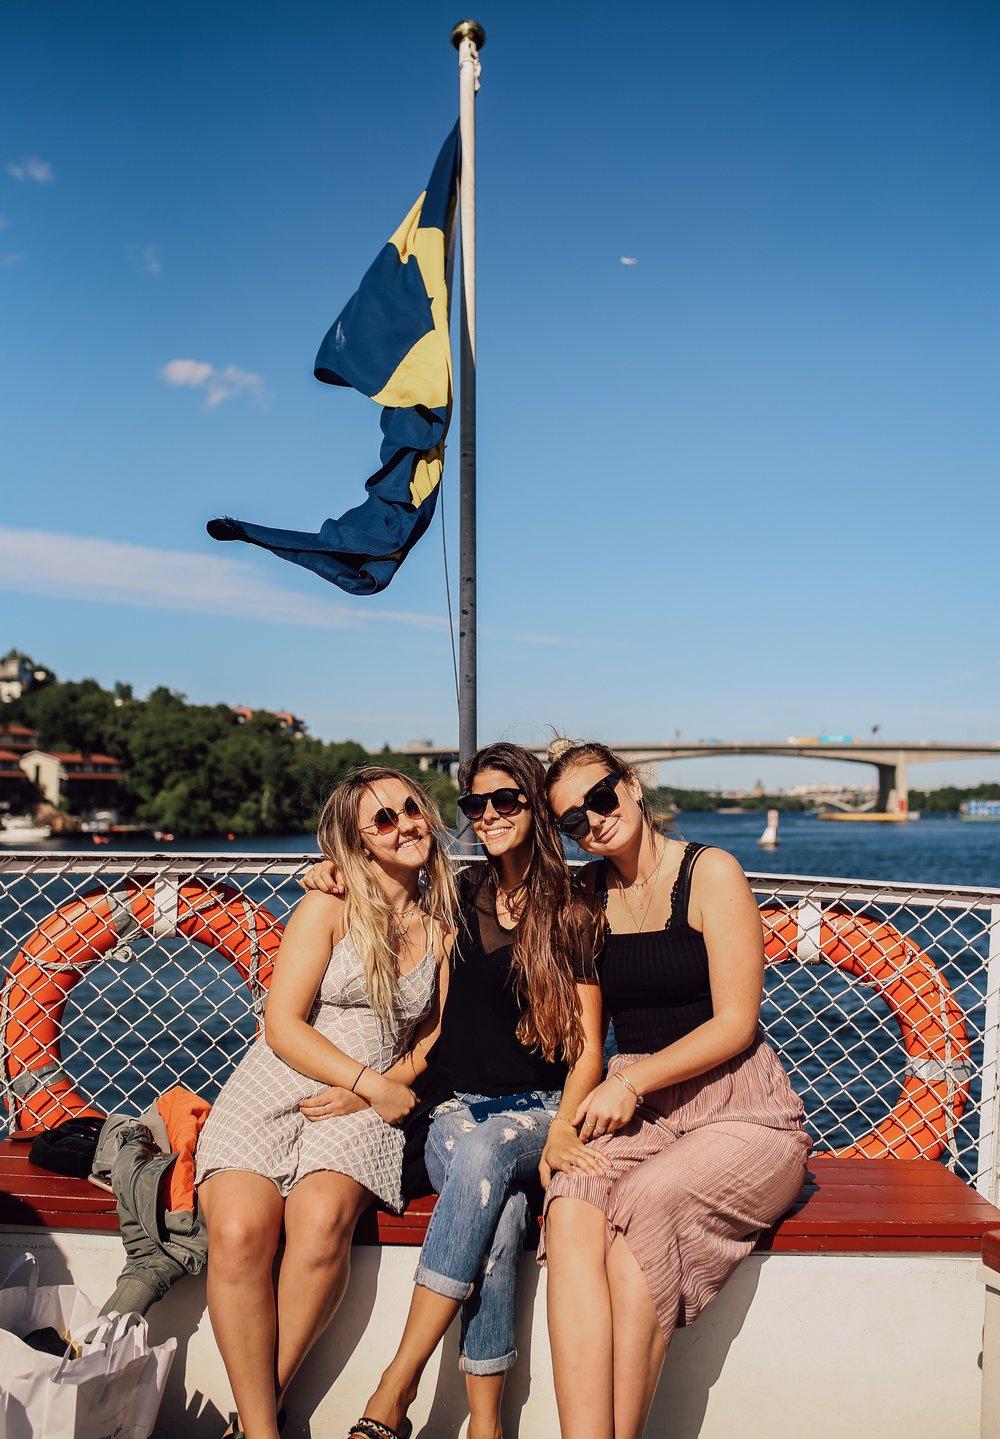 Hawaii meets Sweden